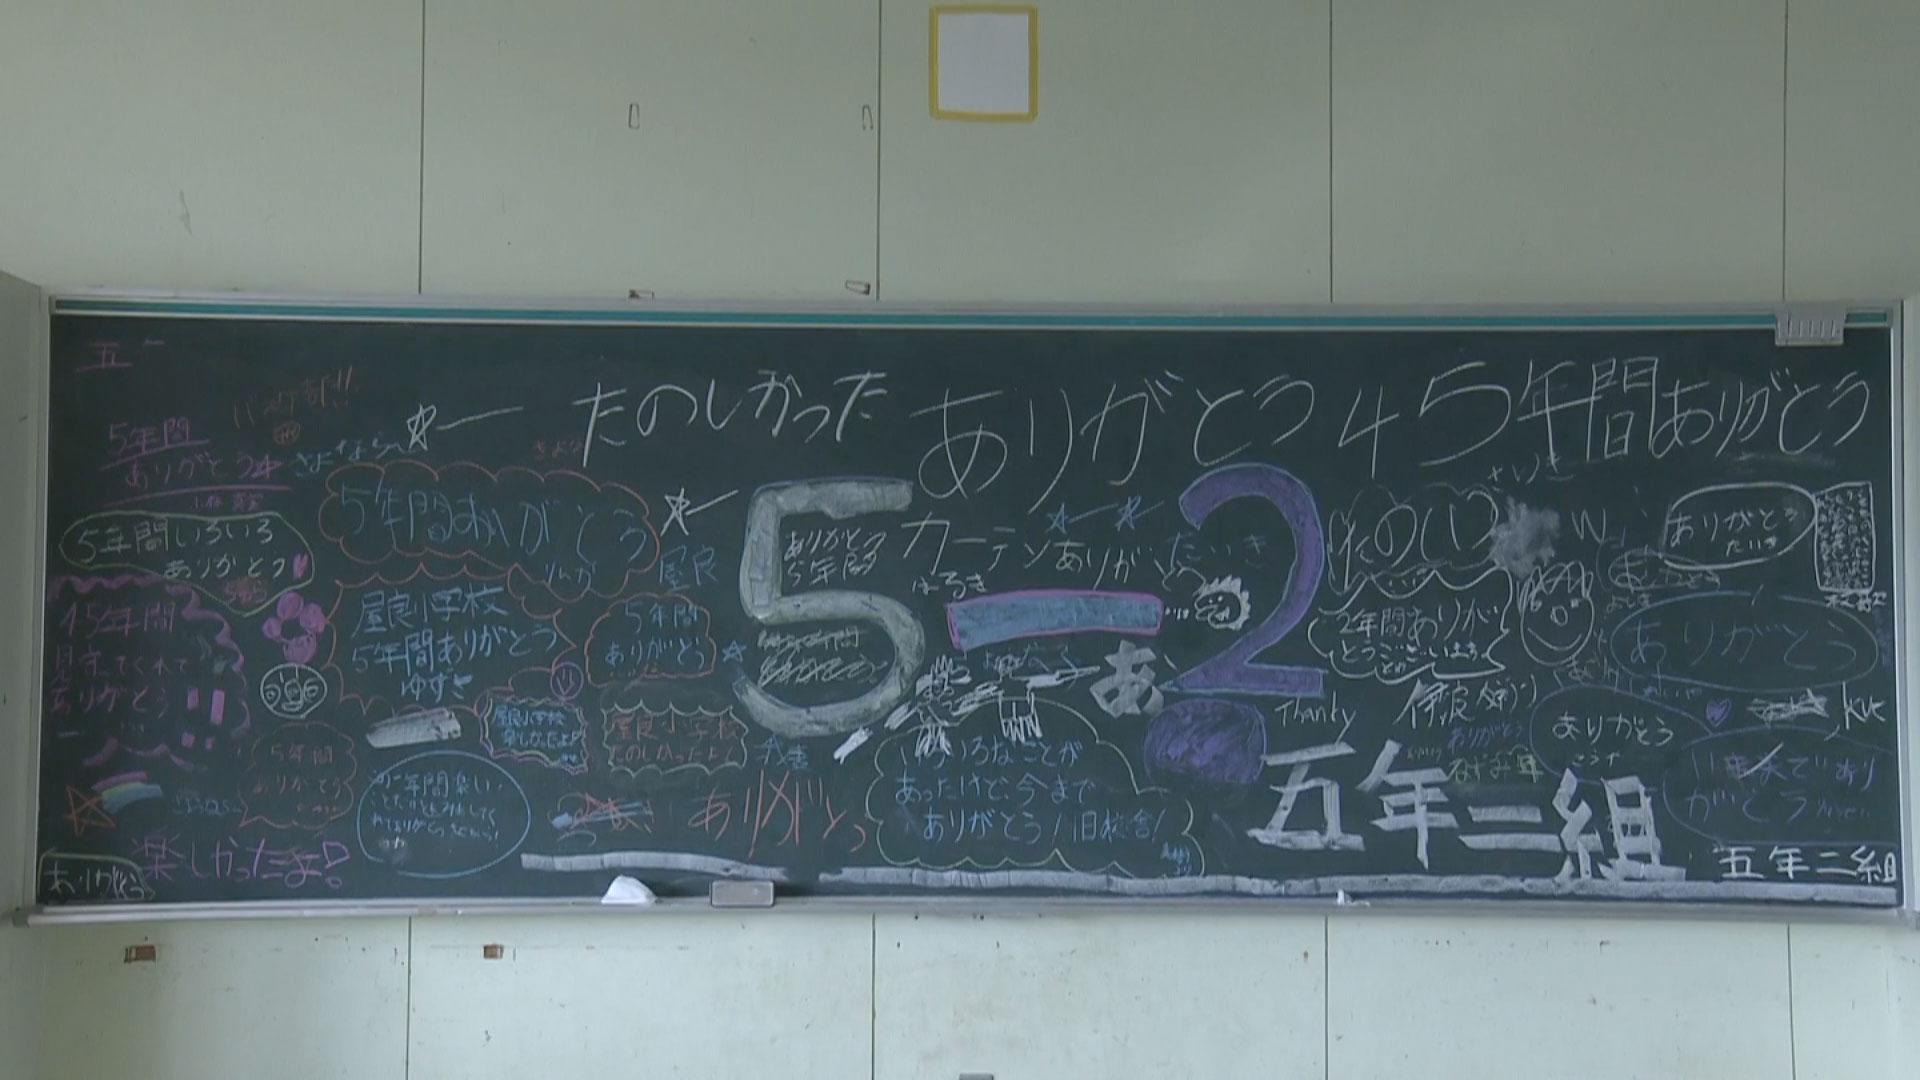 旧校舎とお別れ タイムカプセルも 屋良小学校